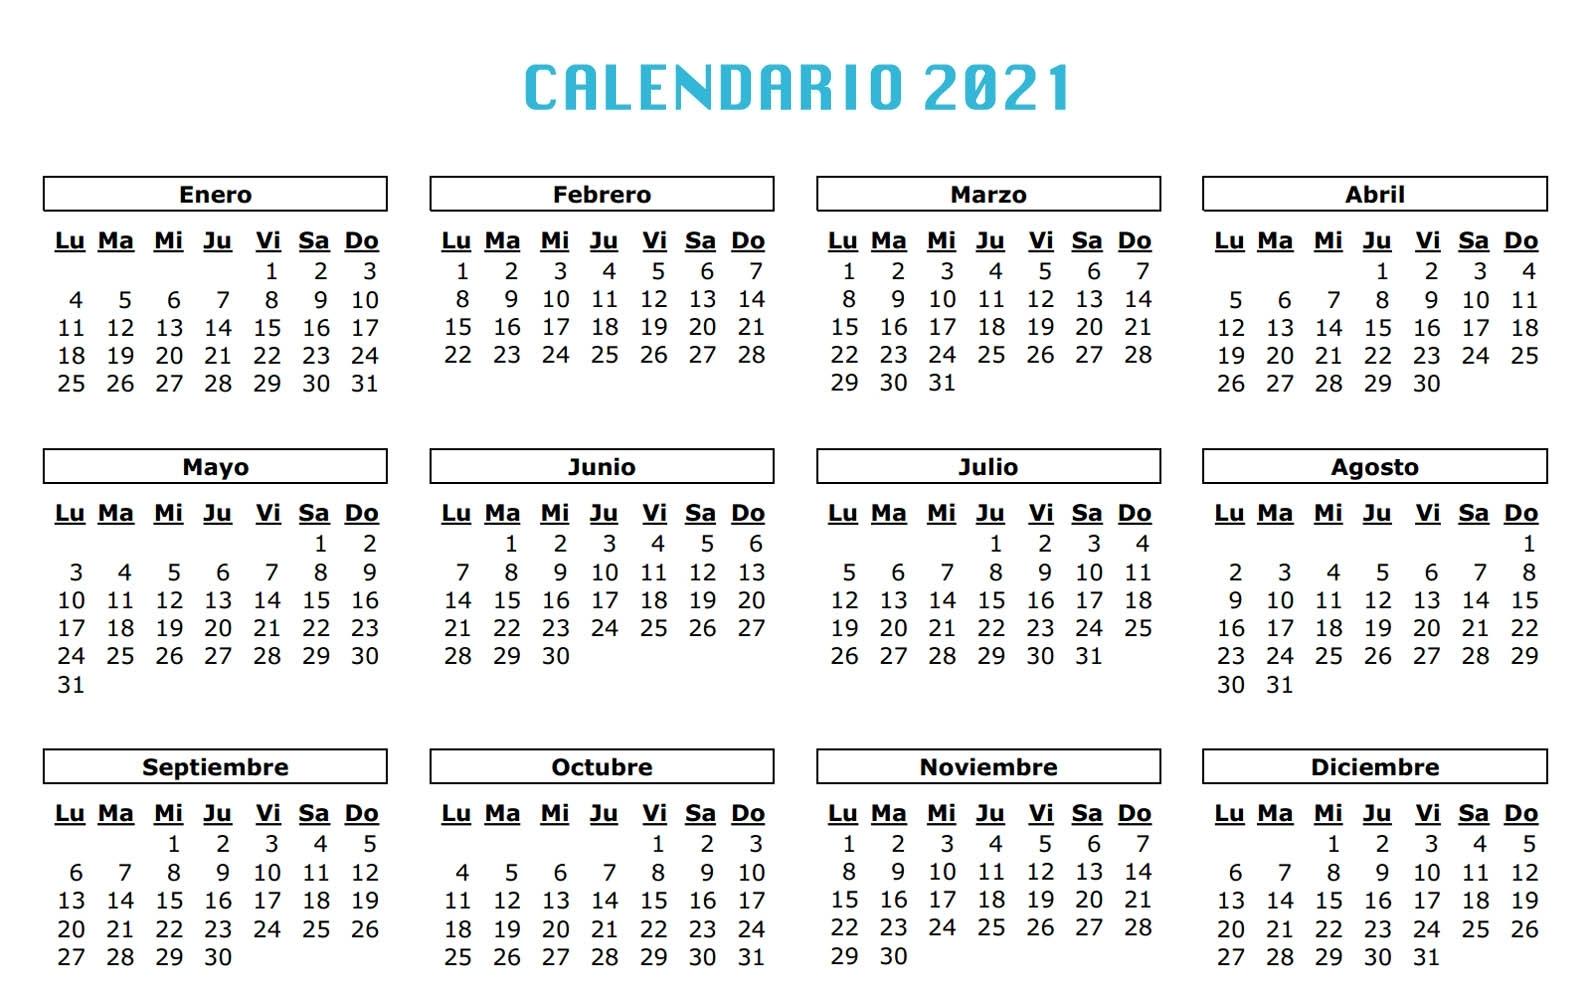 Estas Son Las Fiestas Del Calendario Laboral De Castilla-La